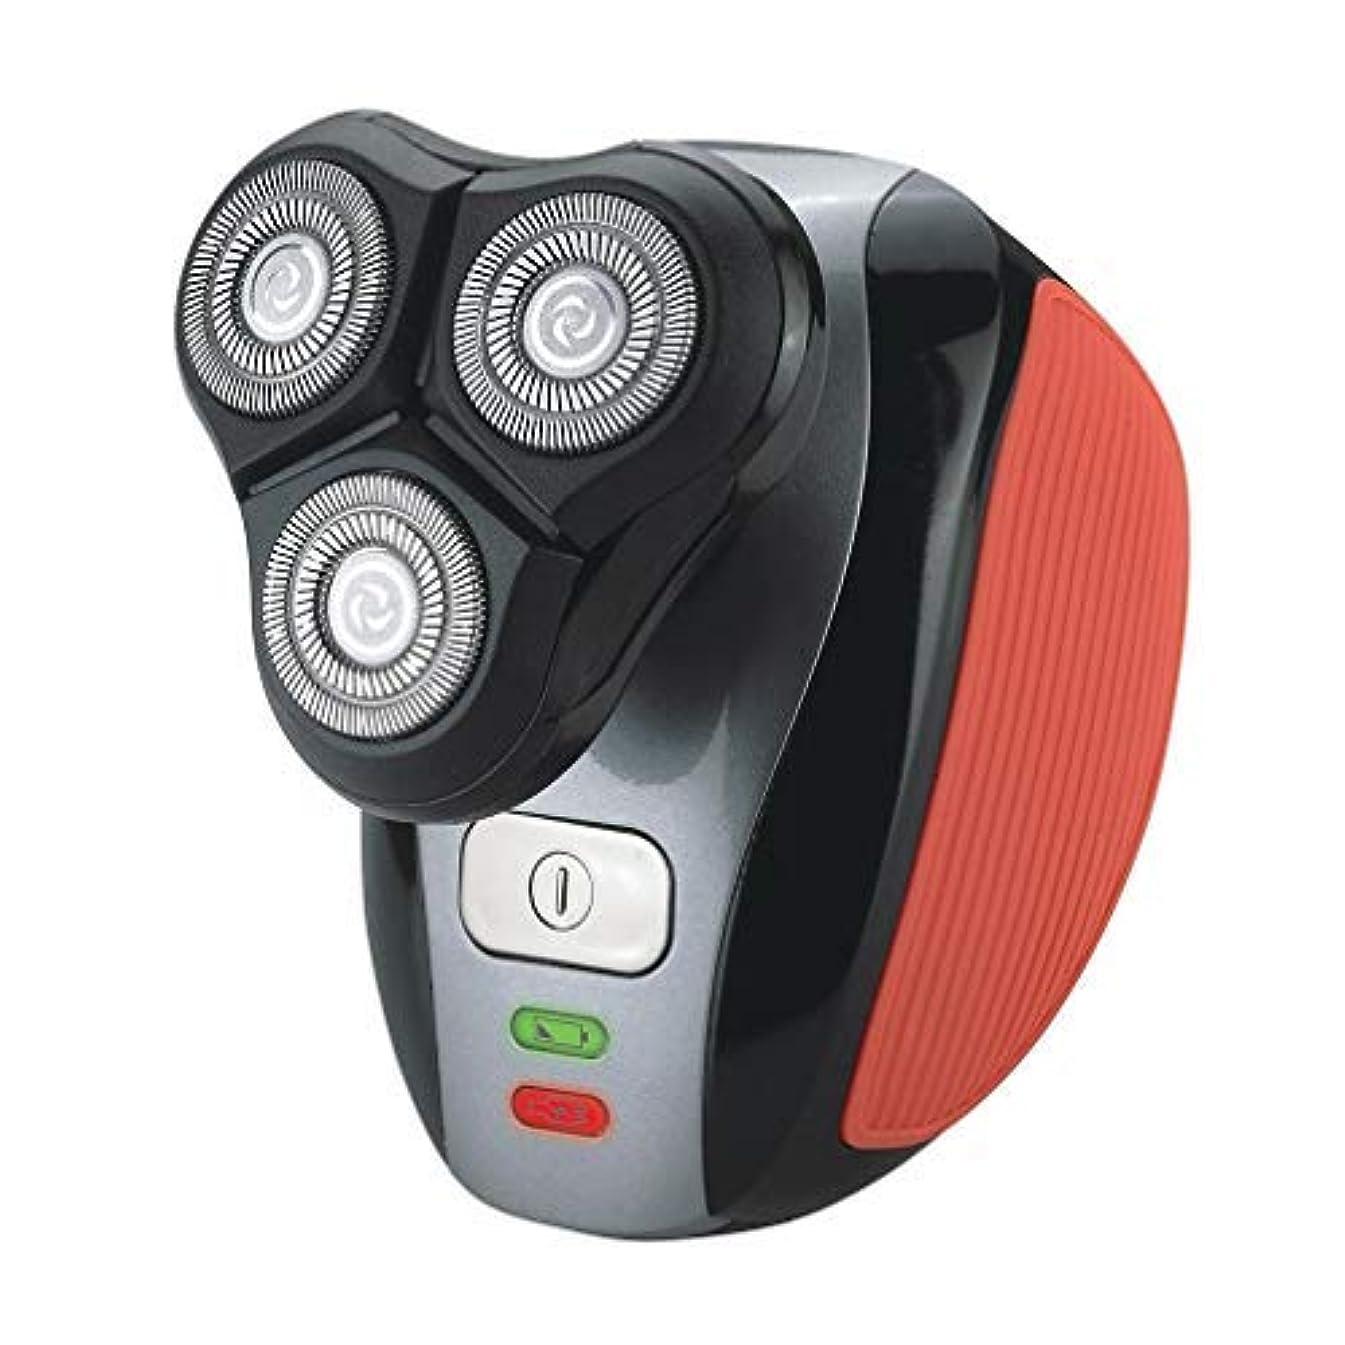 ギャラントリー法廷気取らないスマートシェーバー用のUSB充電式で電気メンズシェーバーノーズビアード眉毛トリマーカミソリセルフトリマー